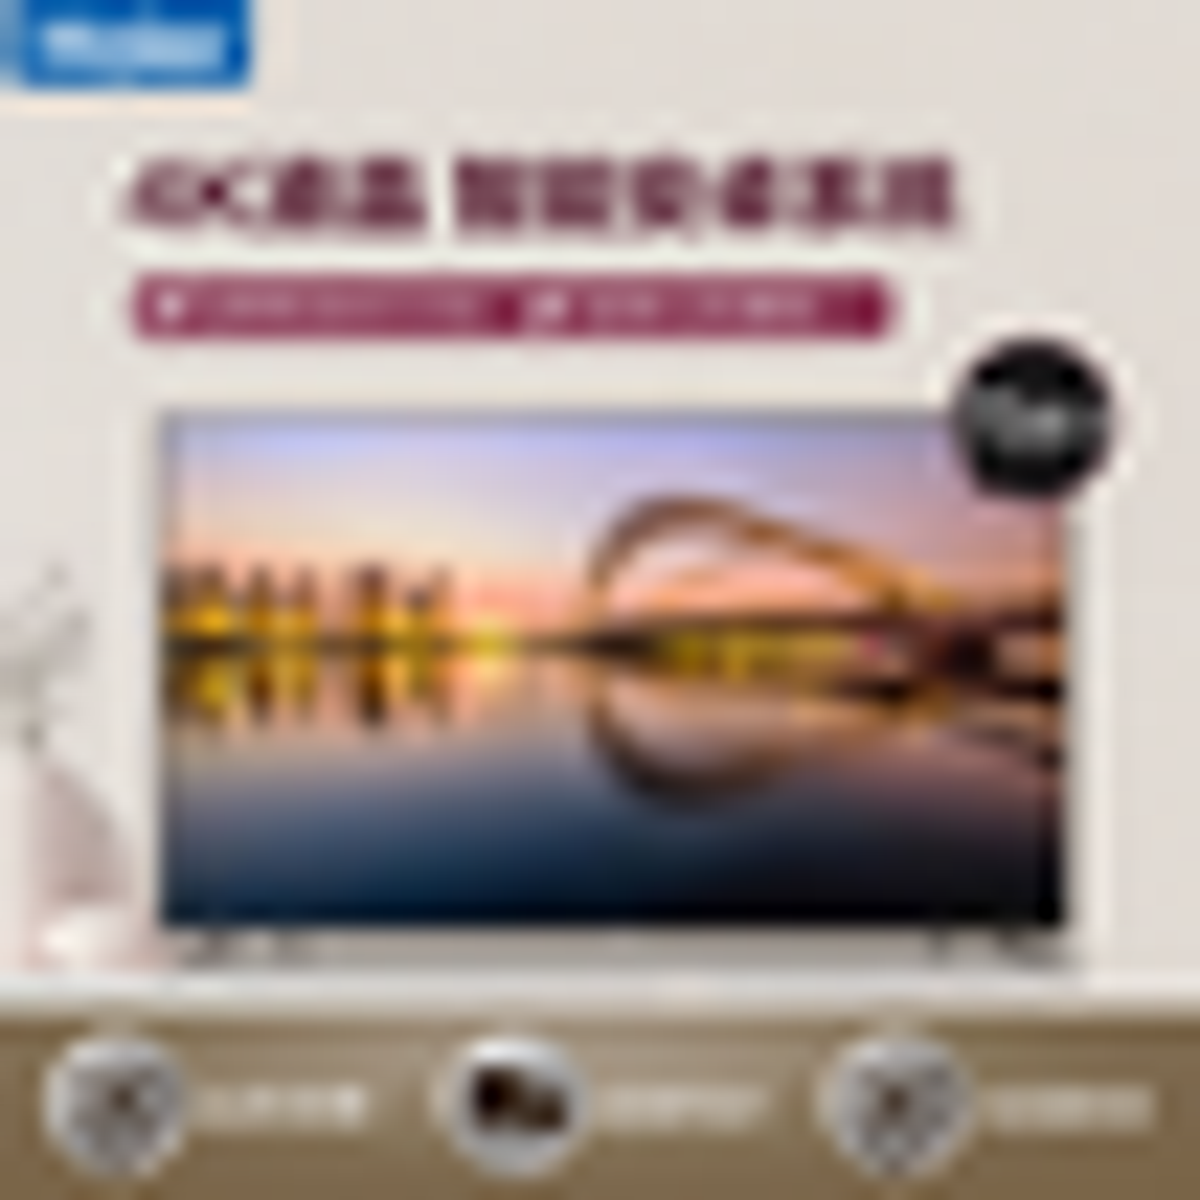 Haier/海尔 4K电视 LS75A31  75英寸超高清大屏智能网络电视机